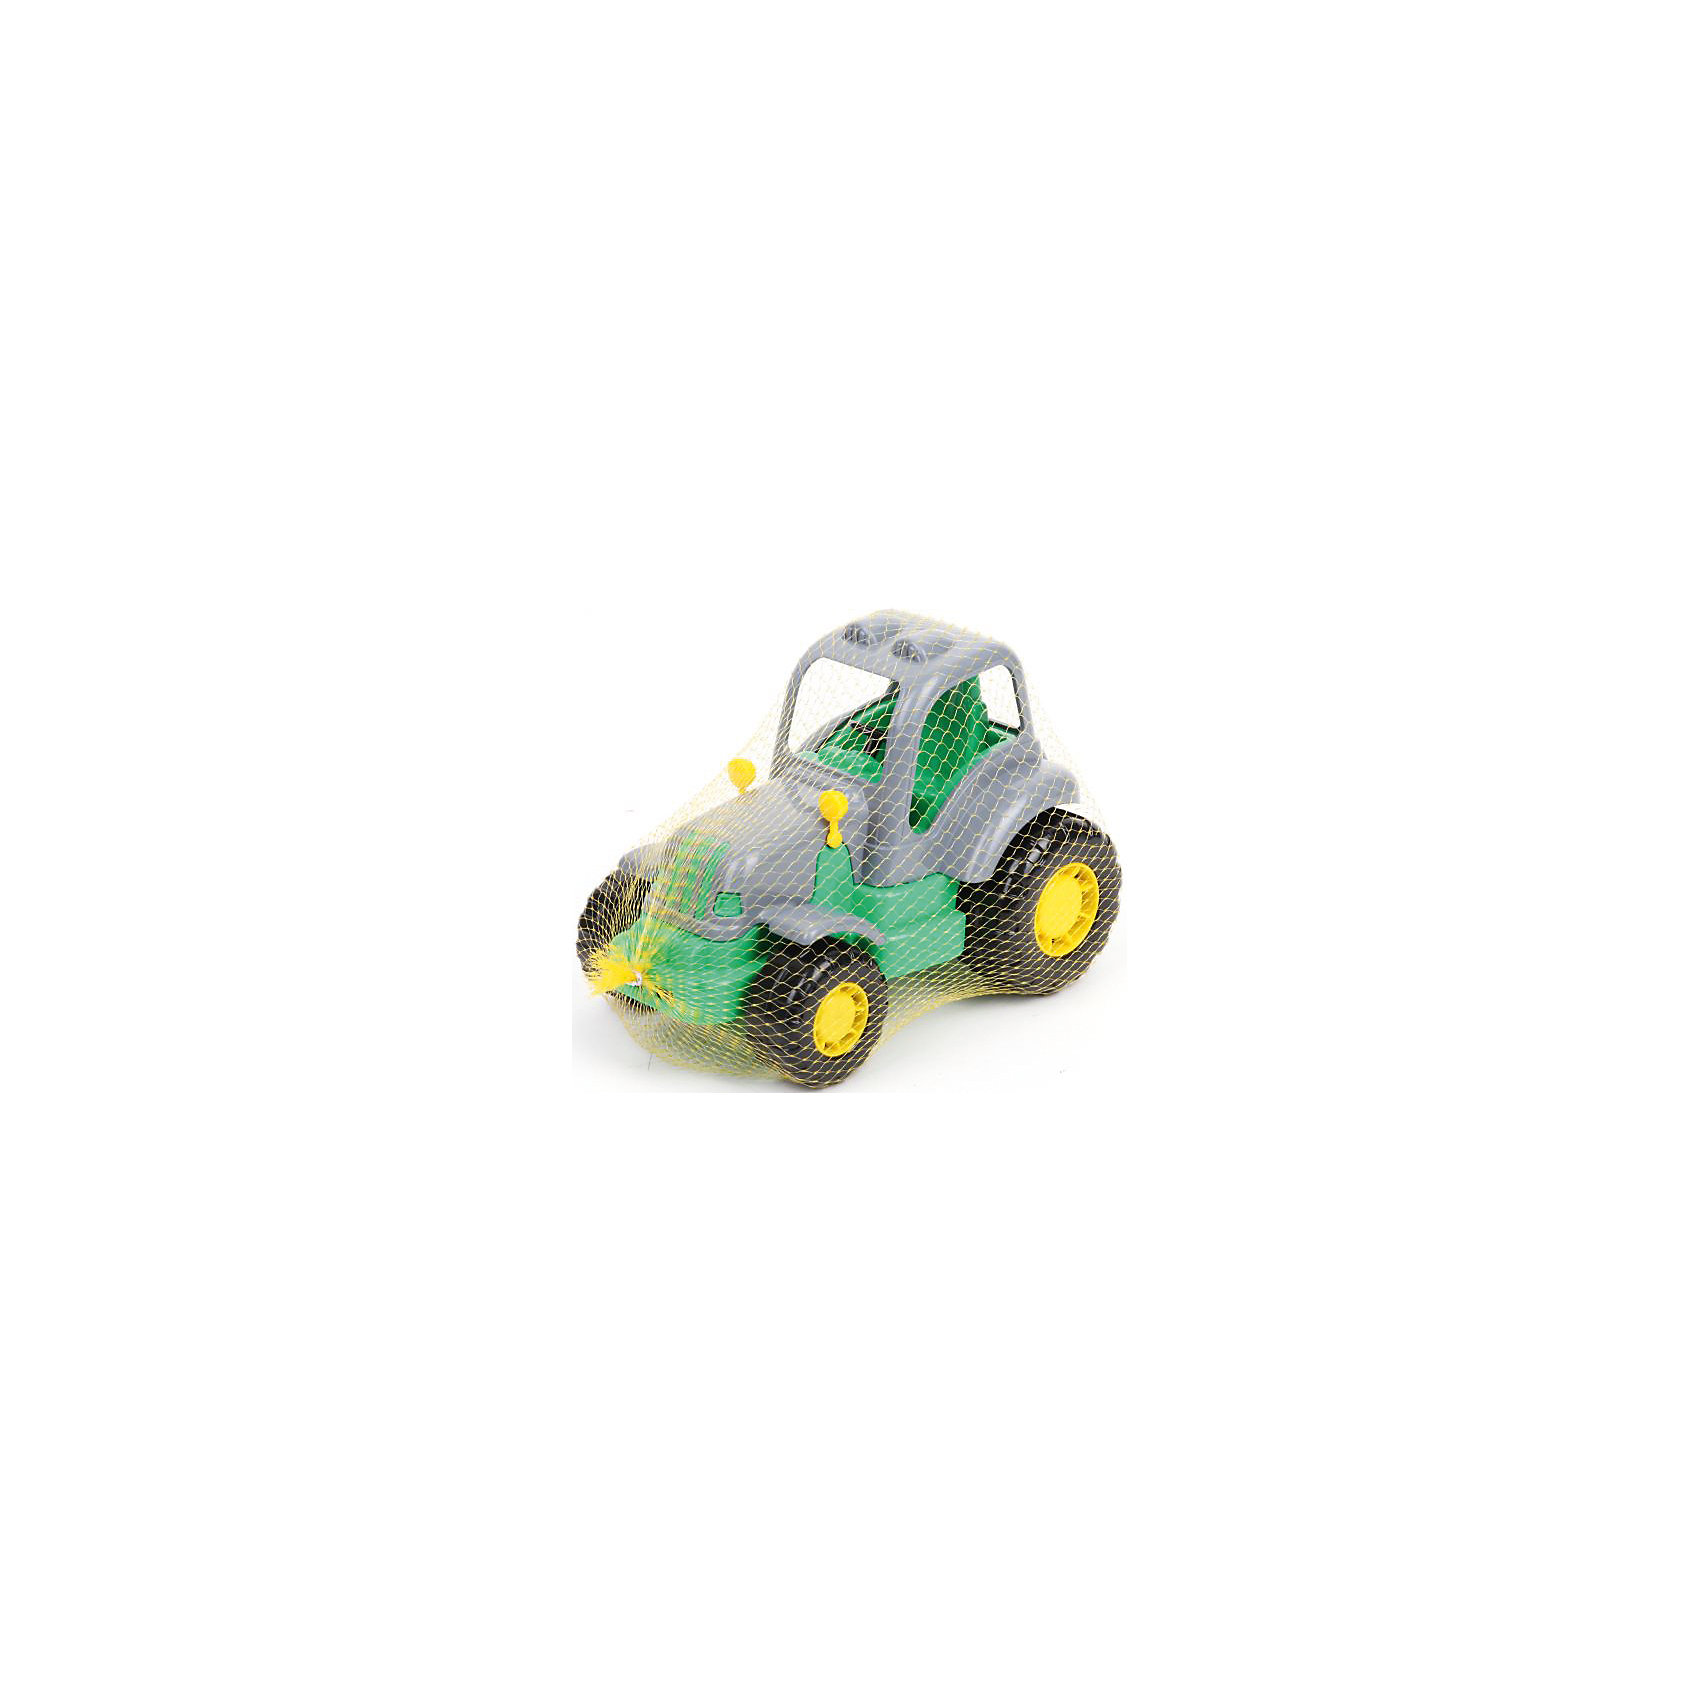 Трактор Крепыш, ПолесьеТрактор Крепыш, Полесье.<br><br>Характеристики:<br><br>- Размер игрушки: 21,2 х 13 х 13,7 см.<br>- Материал: пластик<br>- Упаковка: сетка<br><br>Яркий трактор Крепыш от фирмы Полесье идеален для игр дома и на улице. Трактор имеет пластиковые рельефные колеса со свободным ходом, которые обеспечивают отличную проходимость. Кабина оснащена рулем и сиденьем. В нее можно посадить подходящую по размеру мини-фигурку. Игрушка изготовлена из безопасного пластика, отличается высокой прочностью и отличным качеством сборки.<br><br>Трактор Крепыш, Полесье можно купить в нашем интернет-магазине.<br><br>Ширина мм: 212<br>Глубина мм: 130<br>Высота мм: 137<br>Вес г: 240<br>Возраст от месяцев: 36<br>Возраст до месяцев: 96<br>Пол: Мужской<br>Возраст: Детский<br>SKU: 4763441